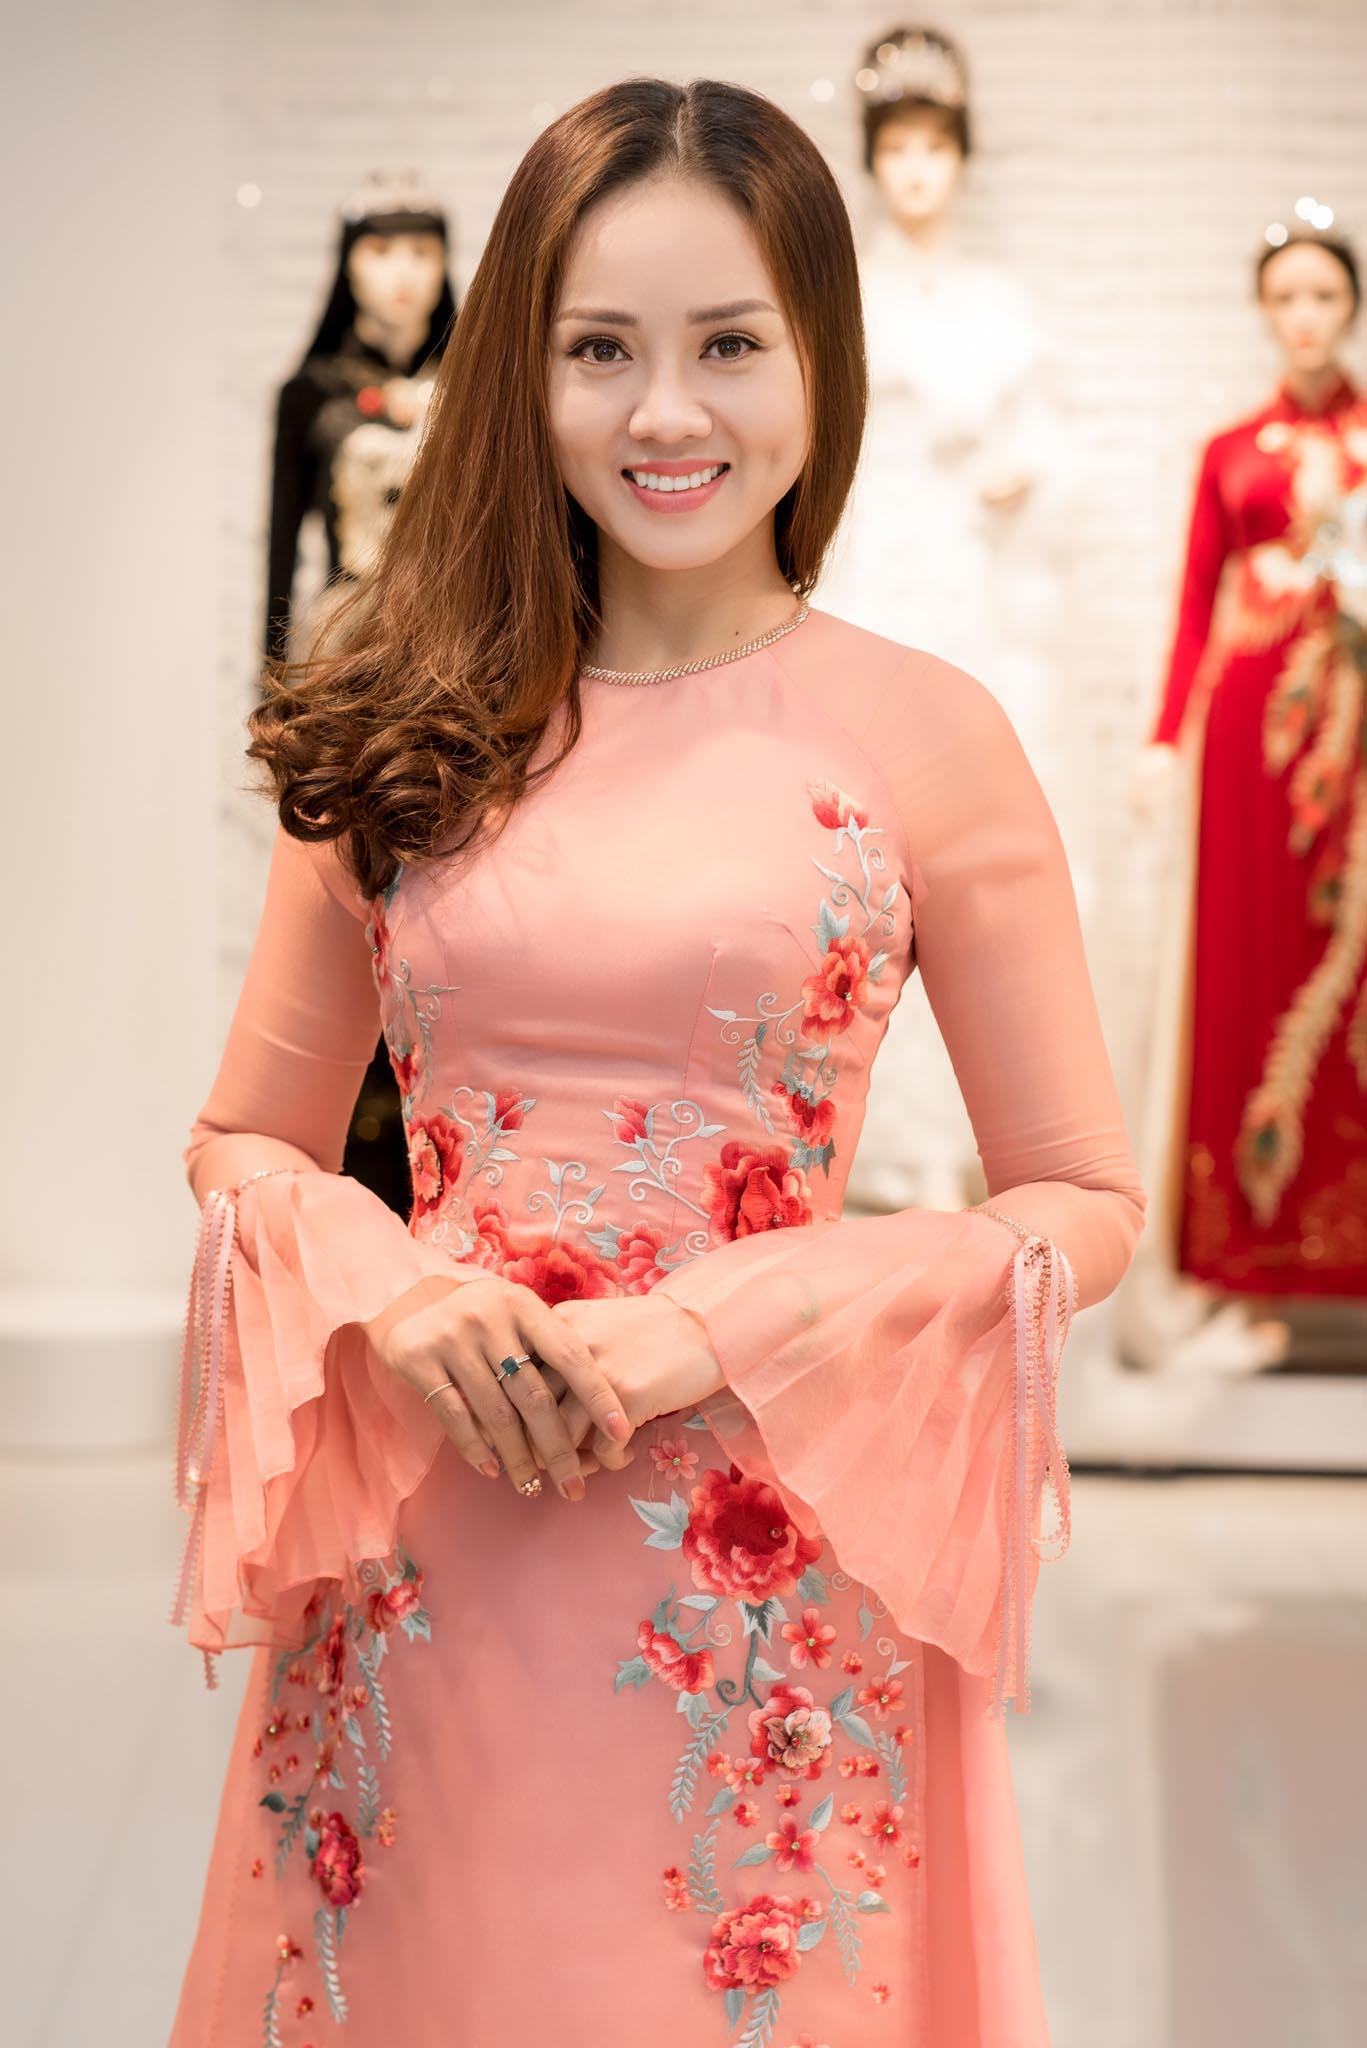 Cách đây không lâu, những hình ảnh Ngọc Hà xinh đẹp lộng lẫy trong bộ váy cưới được hé lộ khiến nhiều người đồn đại cô và diễn viên Công Lý sắp làm đám cưới, tuy nhiên cả hai người đều chưa lên tiếng xác nhận.